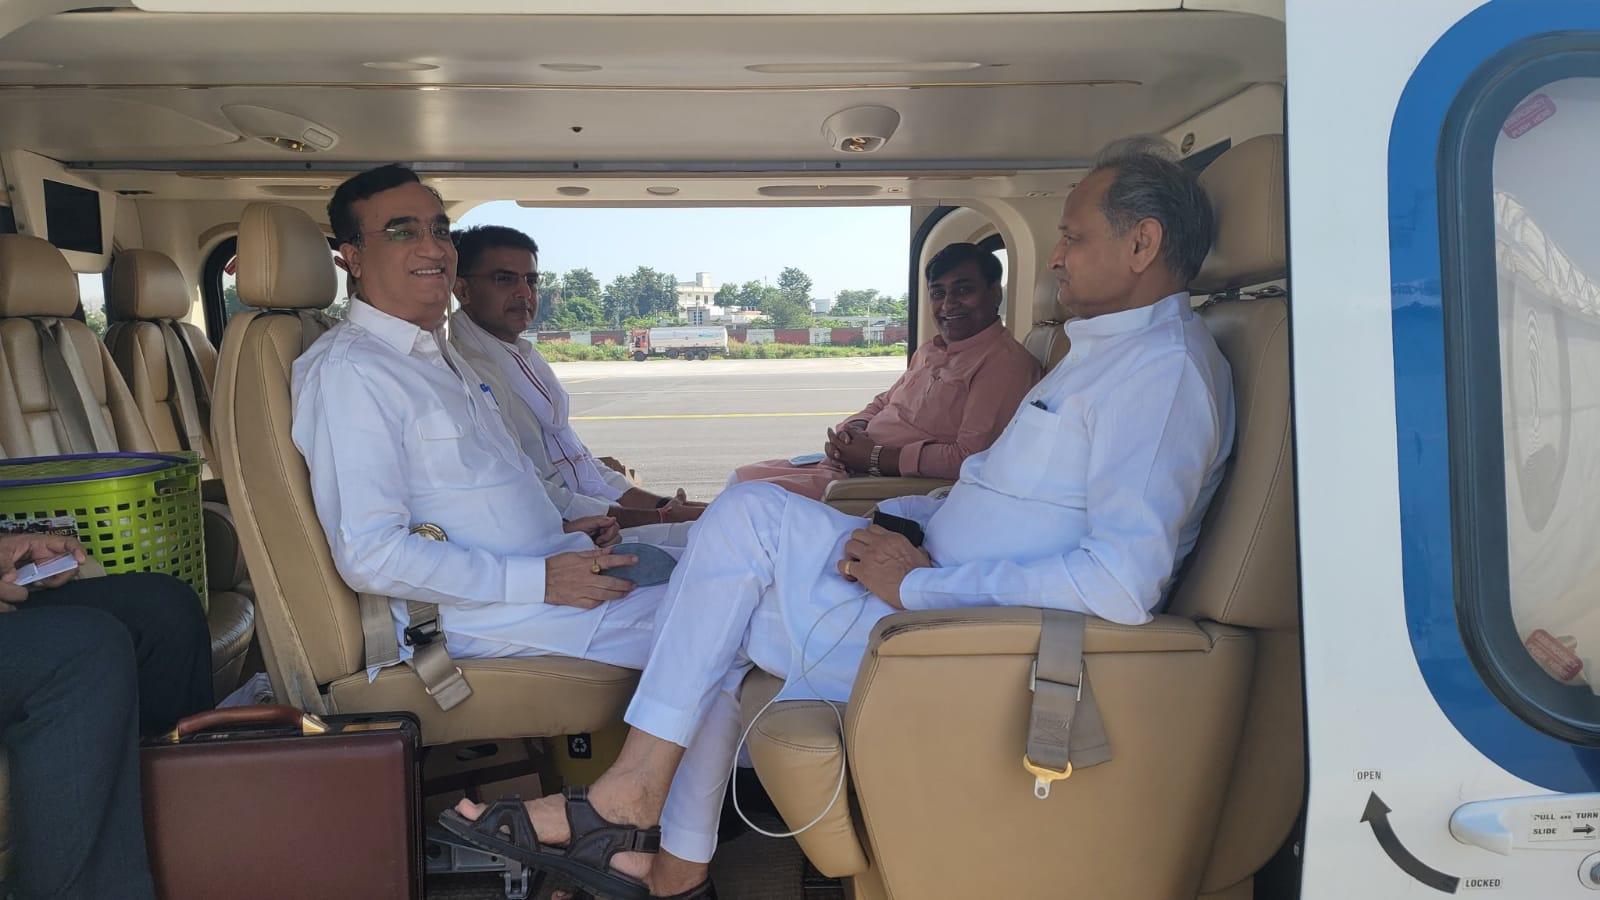 पार्टी प्रत्याशियों के समर्थन में वल्लभनगर और धरियावद में करेंगे सभाएं,बीजेपी से पूनियां-कटारिया-राठौड़-मेघवाल पहुंचे|राजस्थान,Rajasthan - Dainik Bhaskar